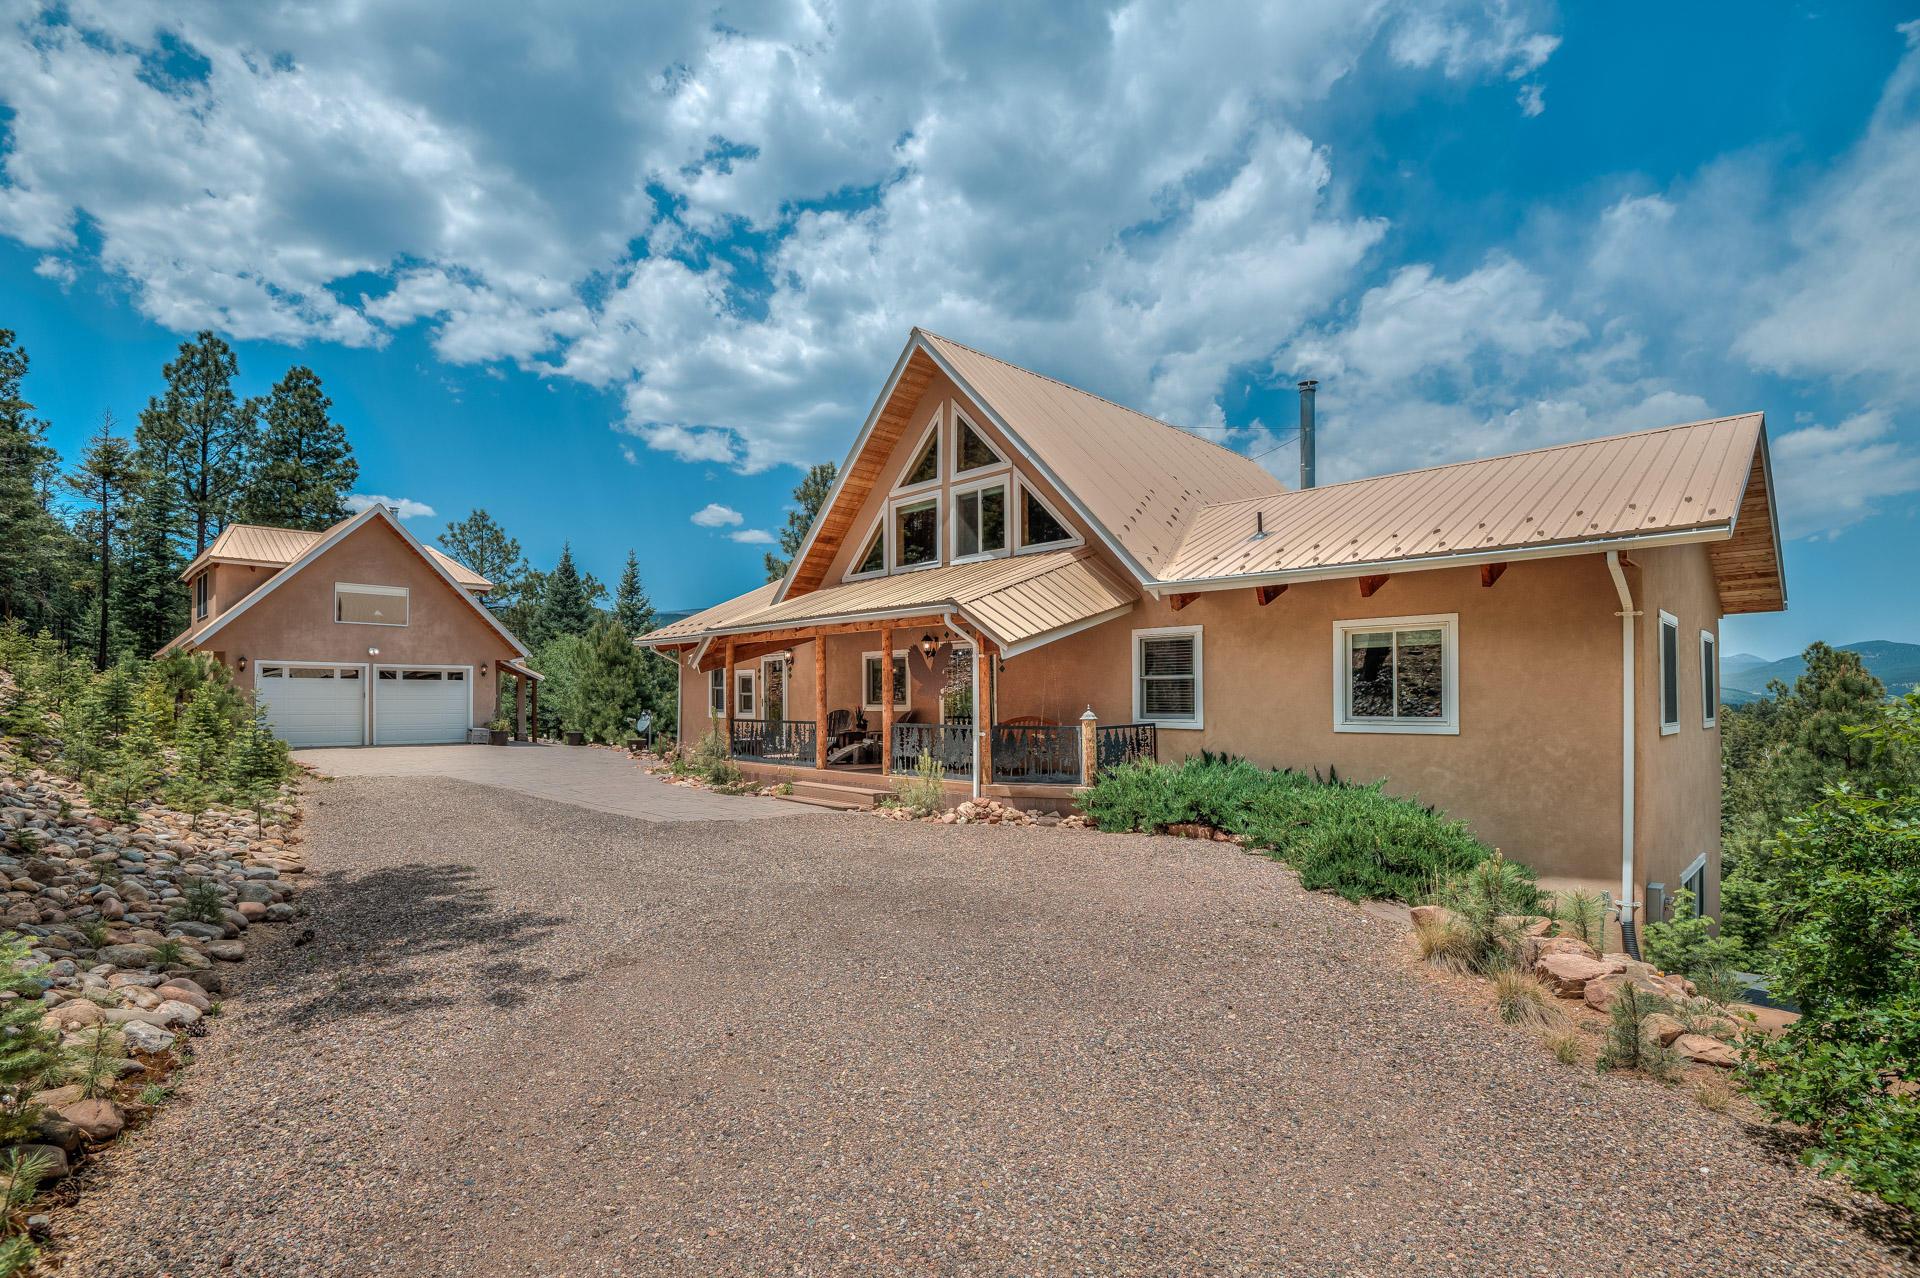 12 Calle Del Tecolote, Rociada, NM 87742 - Rociada, NM real estate listing